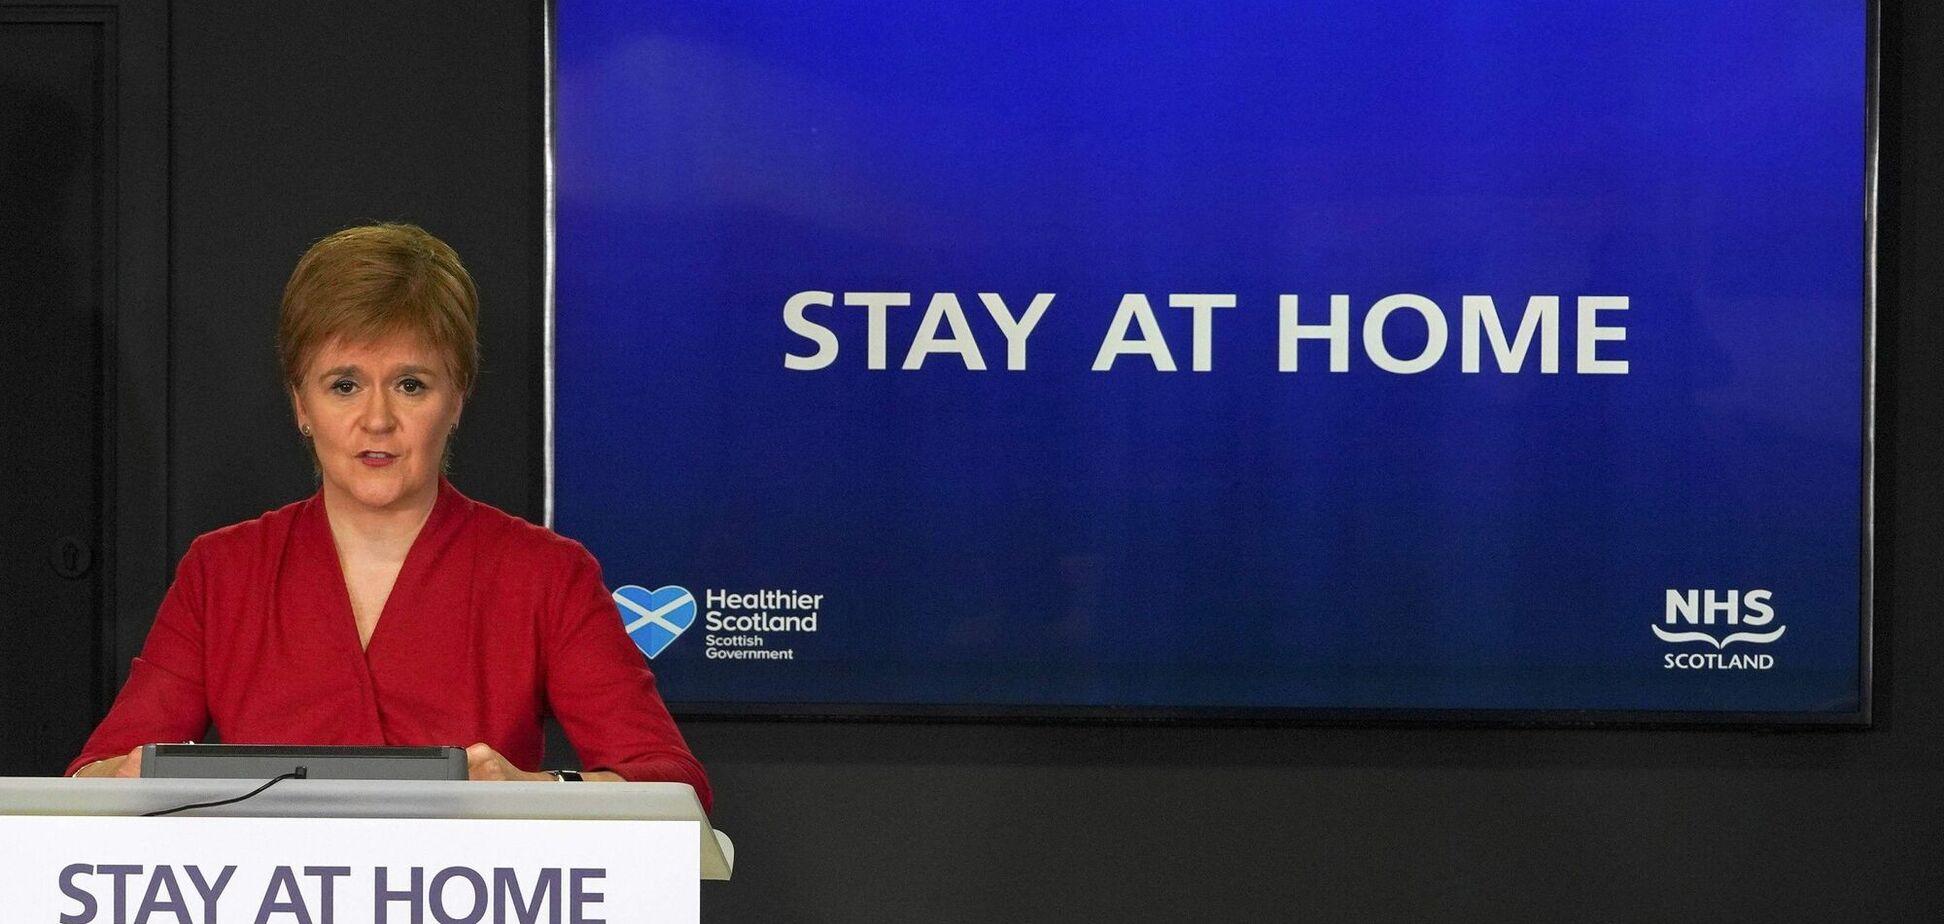 Нікола Стерджен оголосила про локдаун у Шотландії